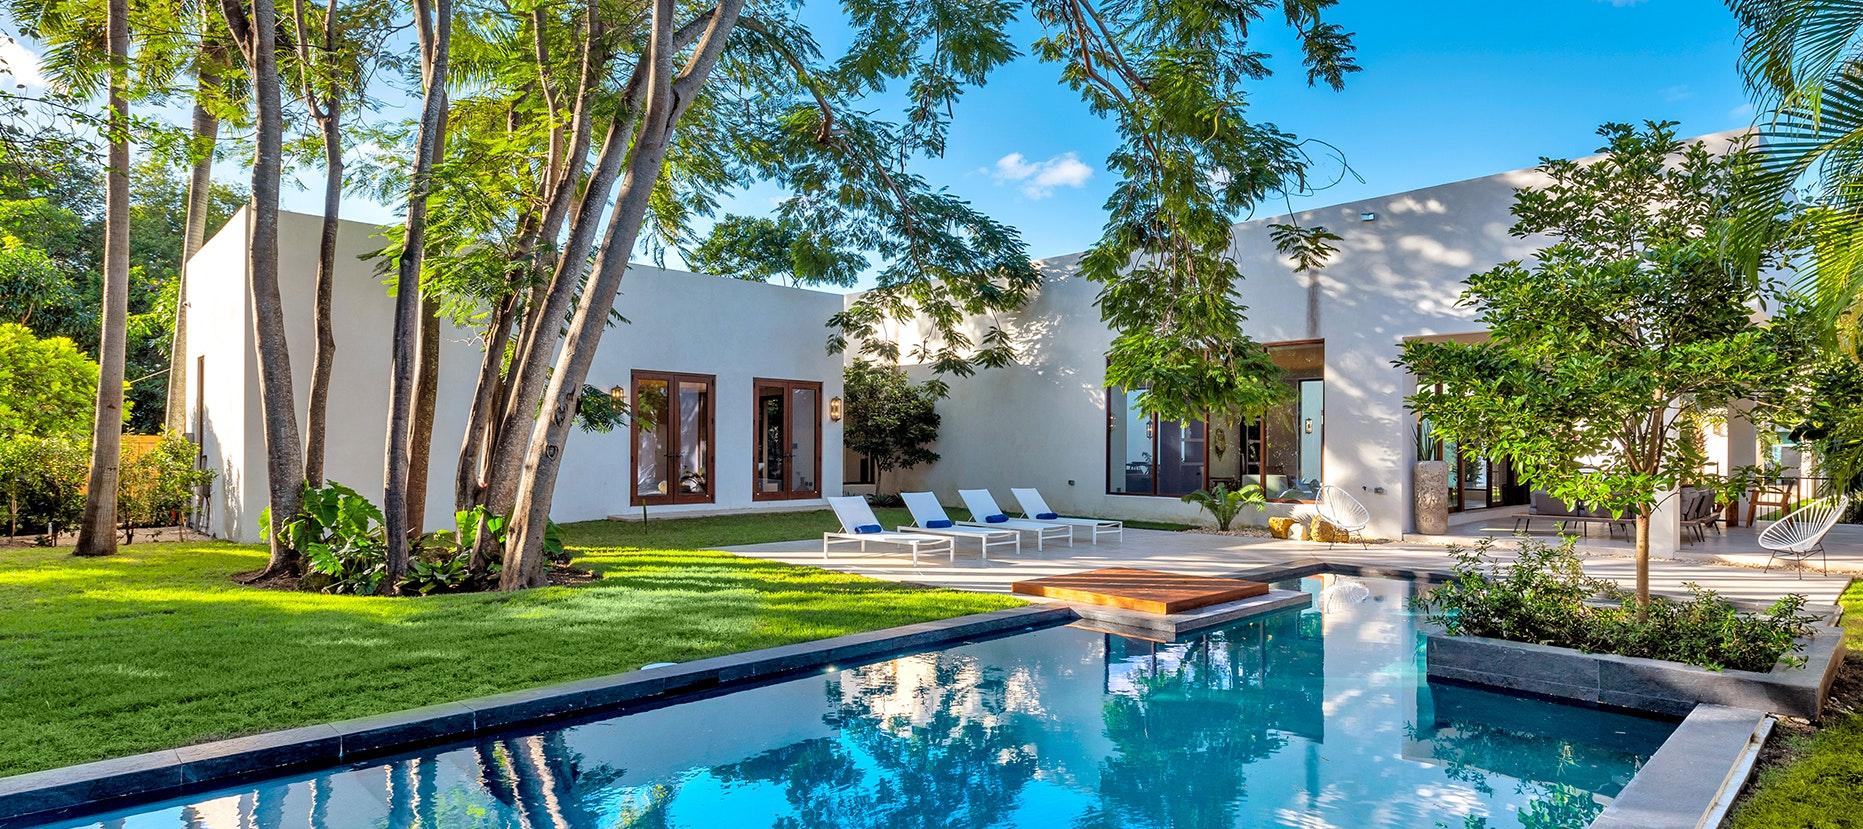 Villa Maroc luxury rental in Miami Shores